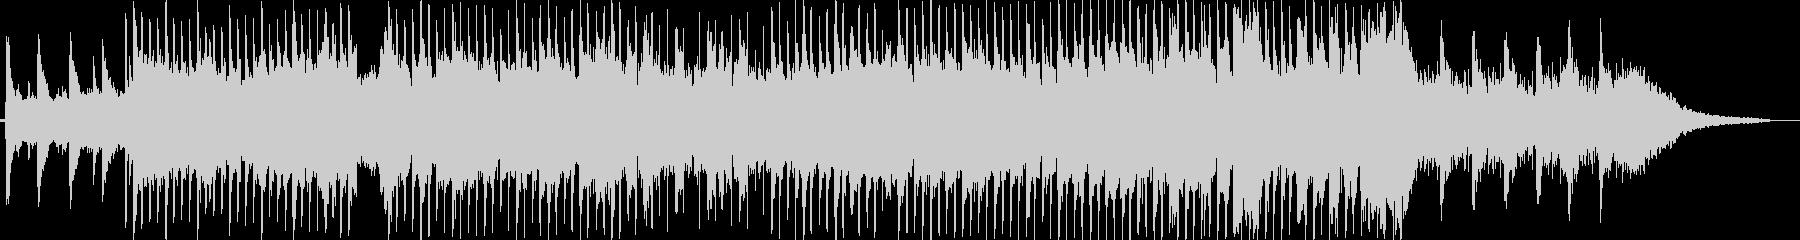 ピアノメインの神秘的な切ないチルアウトの未再生の波形